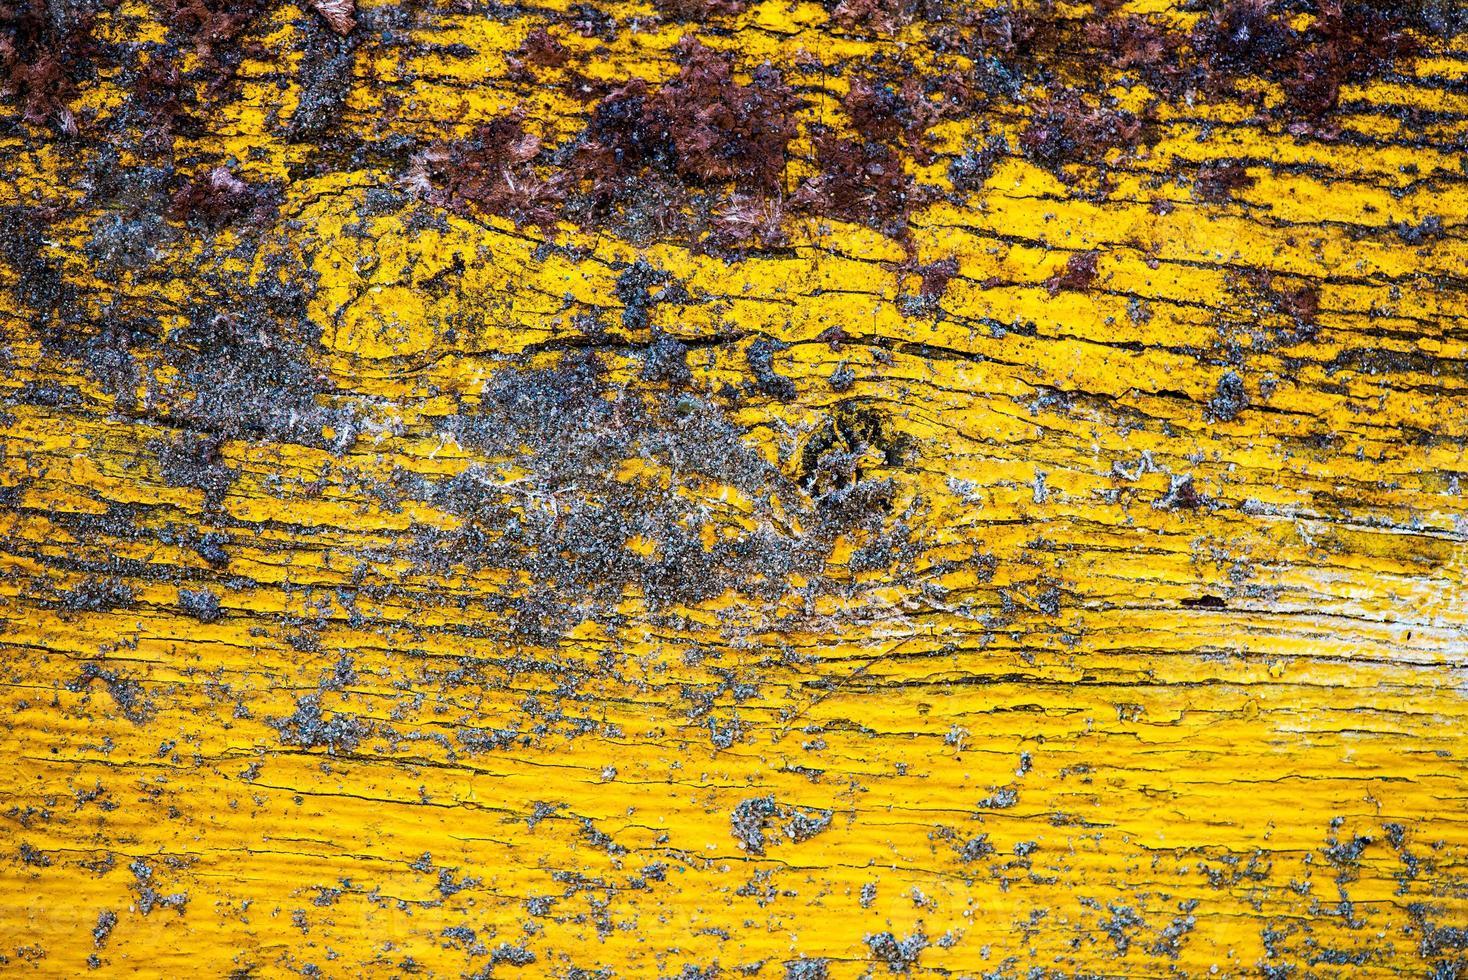 målad gammal trägul väggbakgrund foto